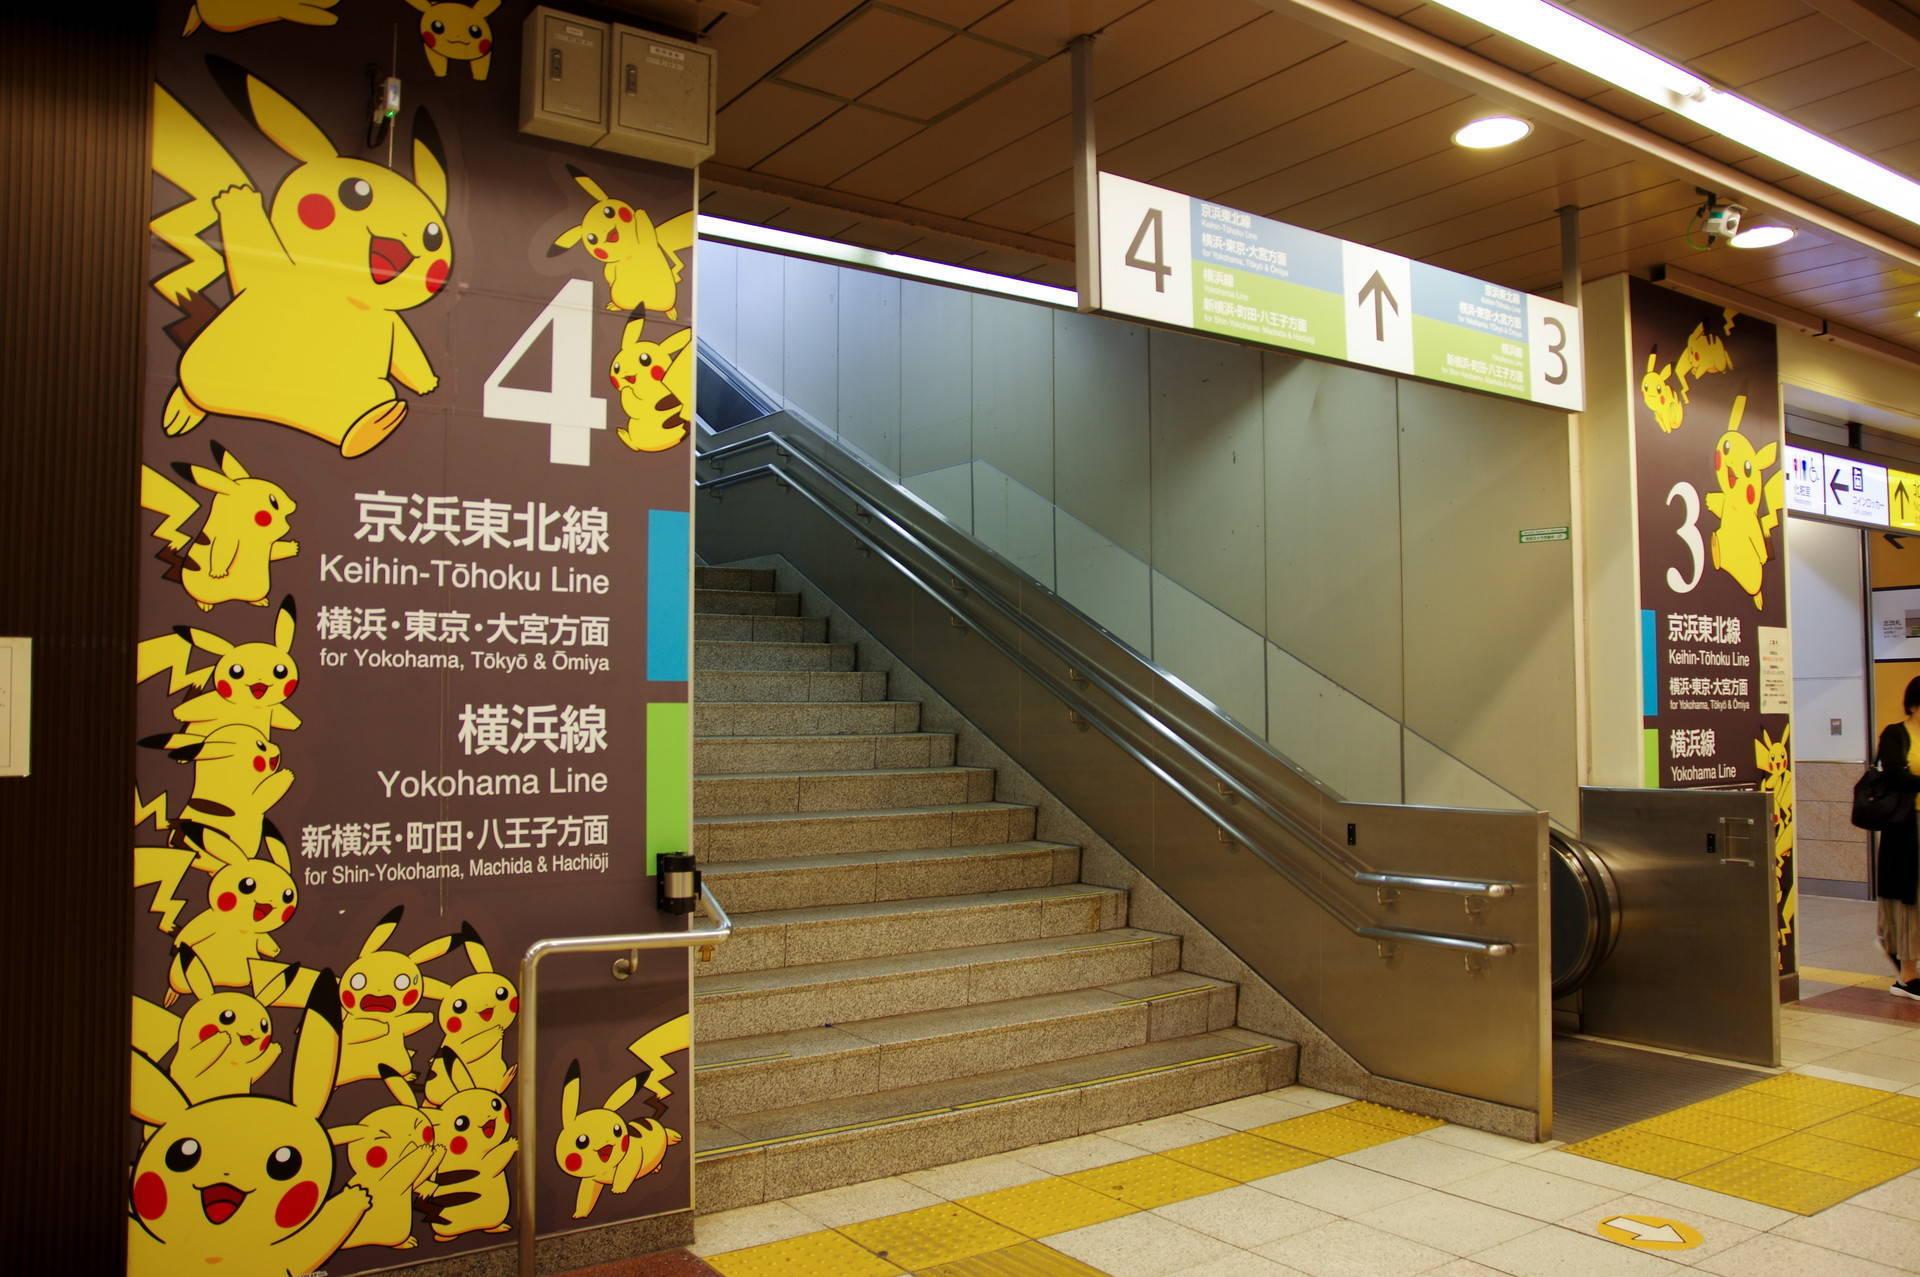 3・4番ホーム行き階段付近の様子